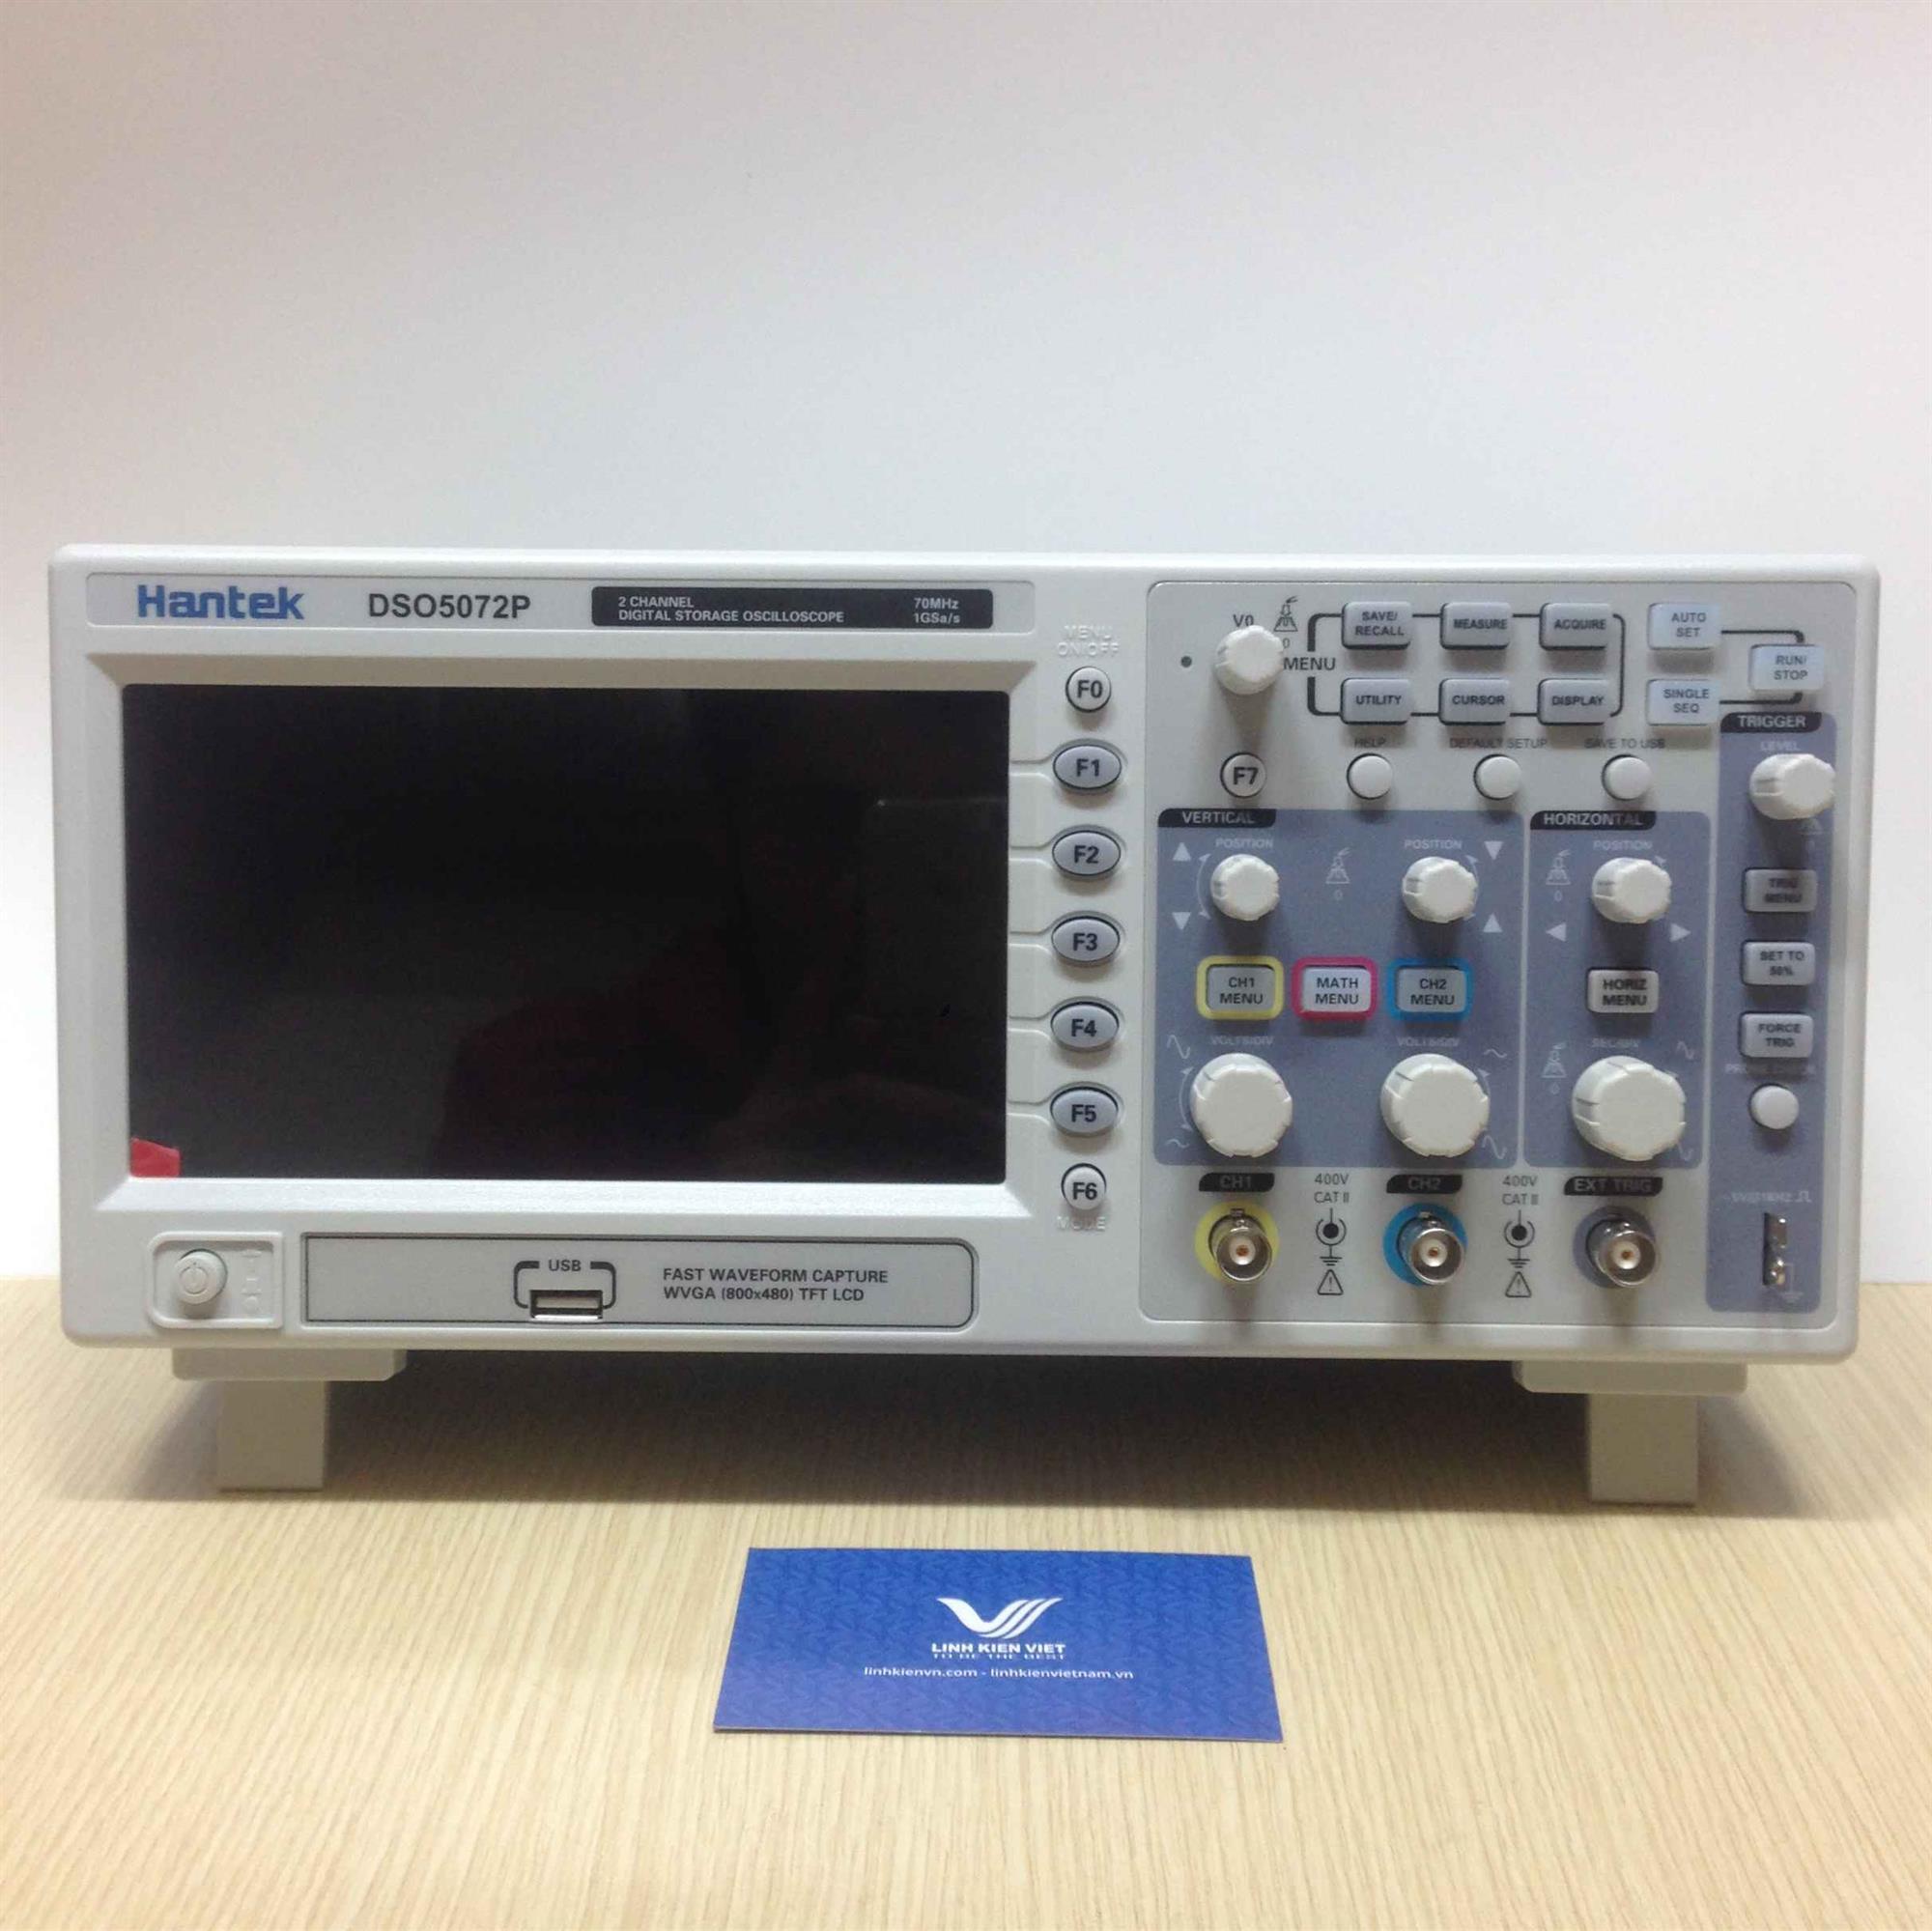 Máy hiện sóng Hantek DSO5072P 2 kênh dải đo 70Mhz - Digital Oscilloscope DSO5072P